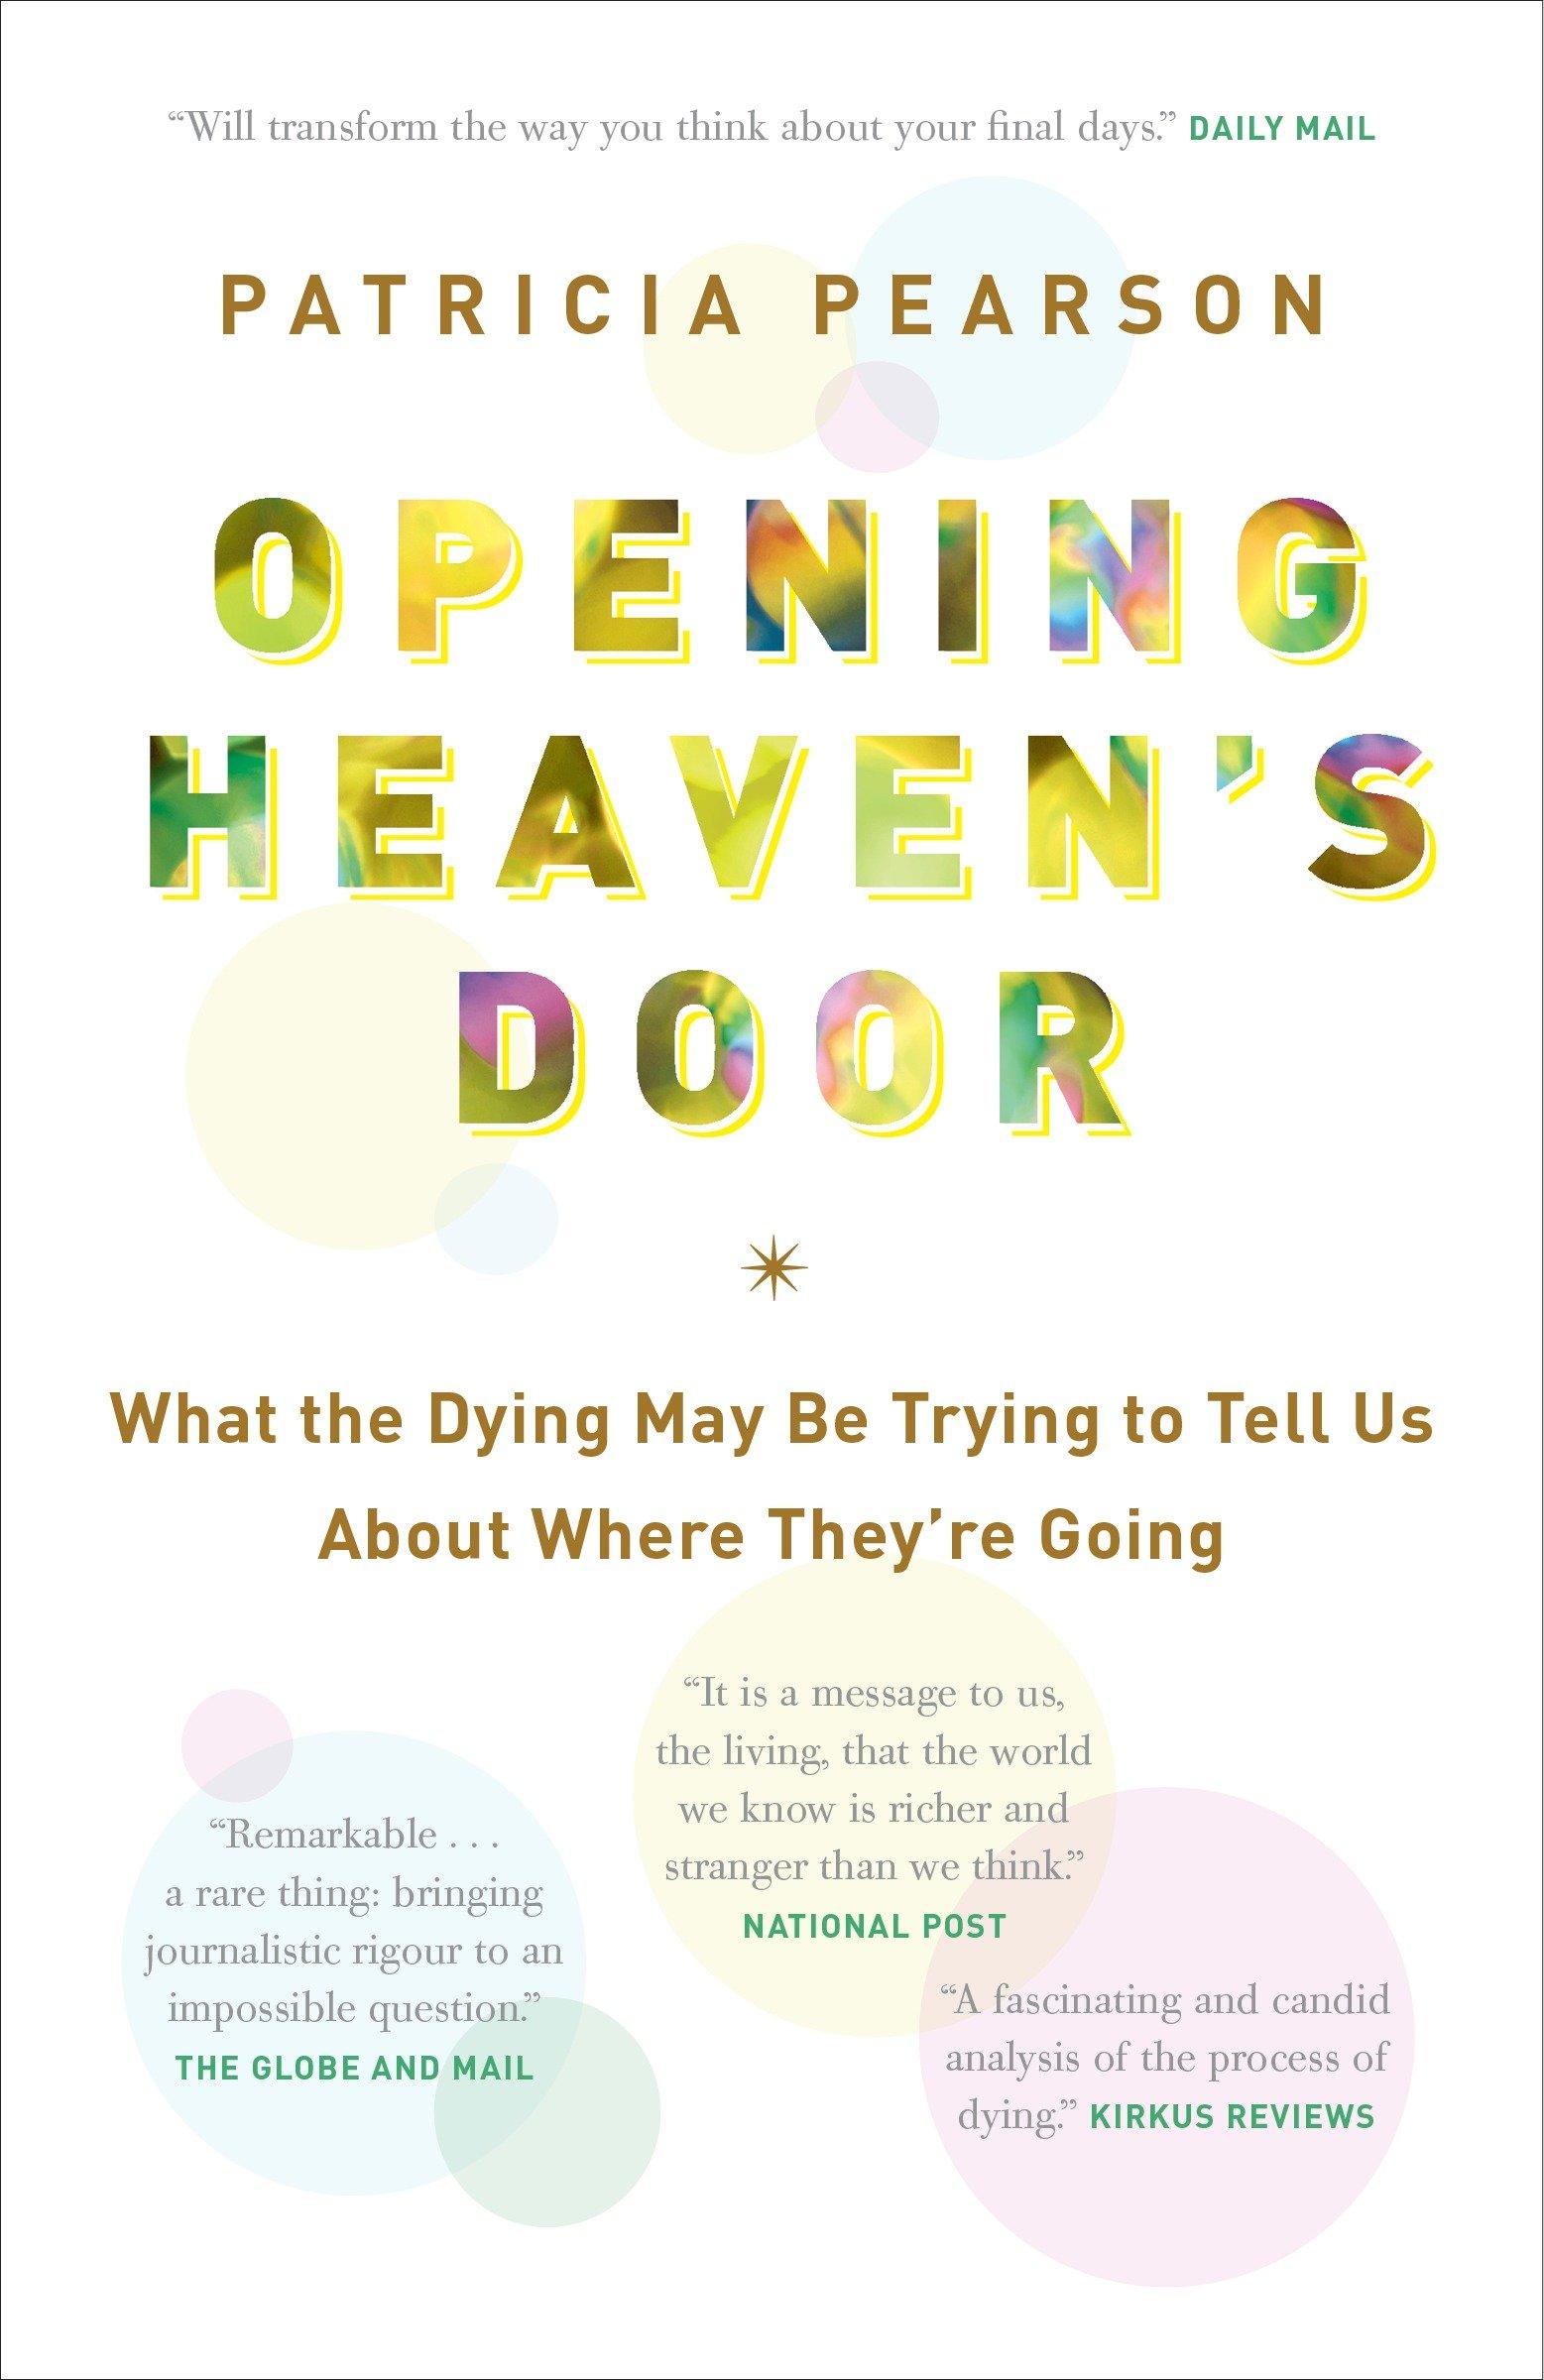 Cover Image of Opening Heaven's Door